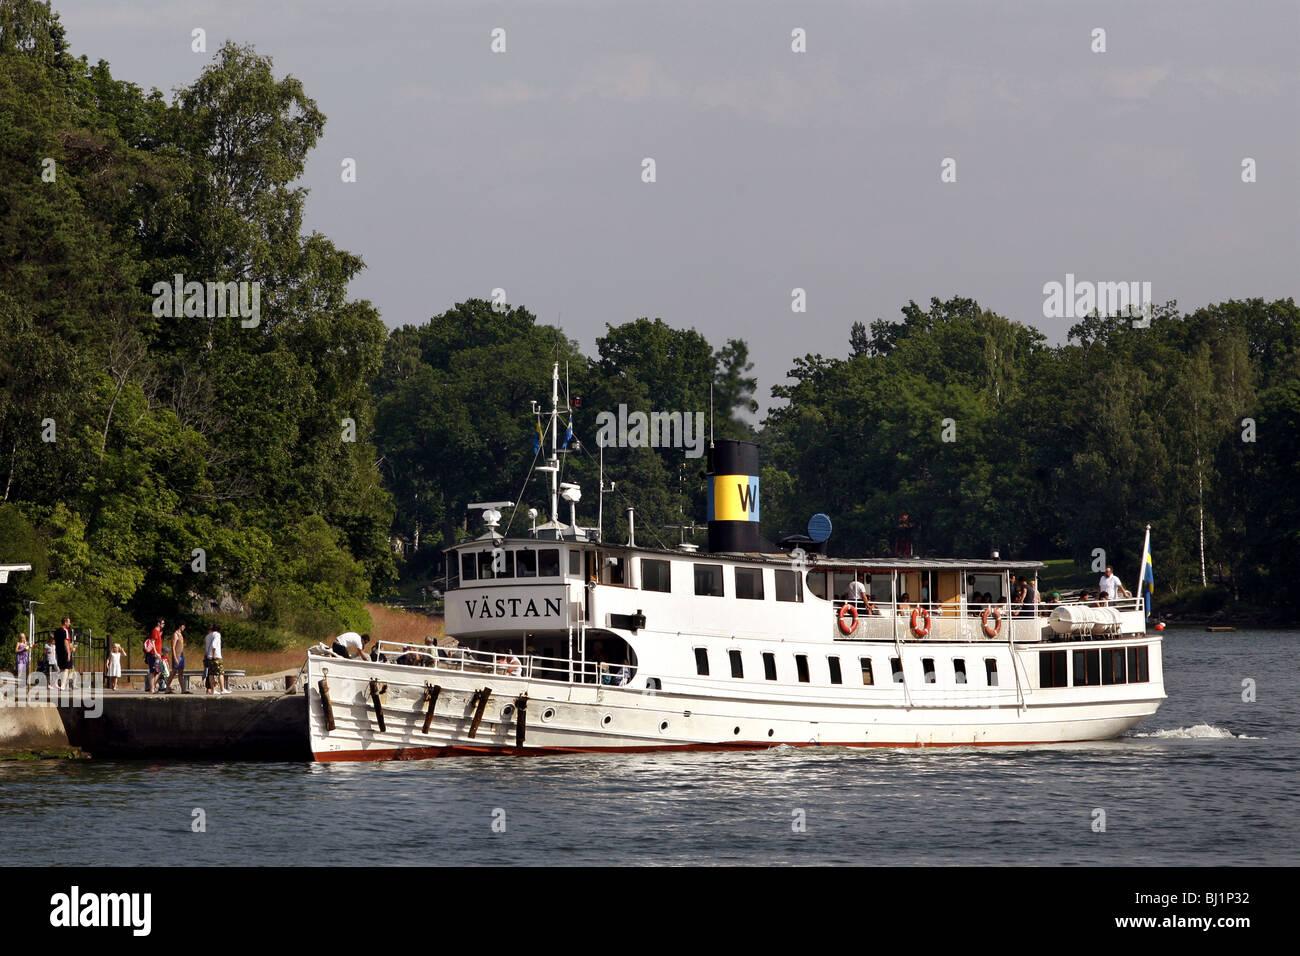 Archipelago Ferry, Stockholm, Sweden - Stock Image